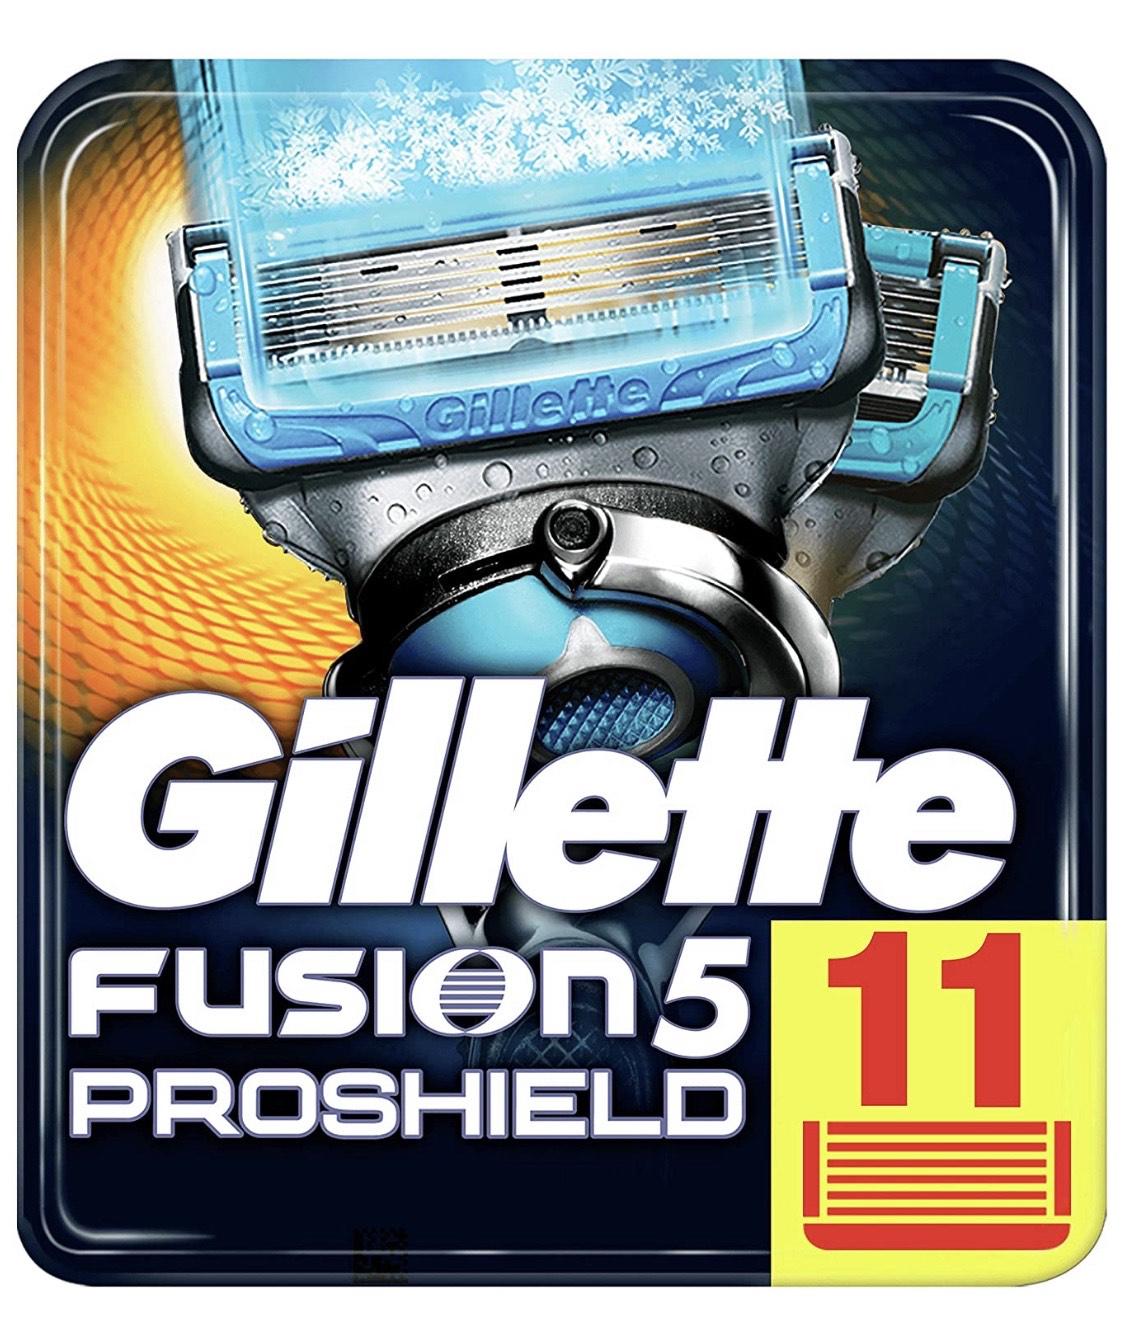 [Amazon] Gillette Fusion 5 ProShield Chill Rasierklingen 11 Klingen